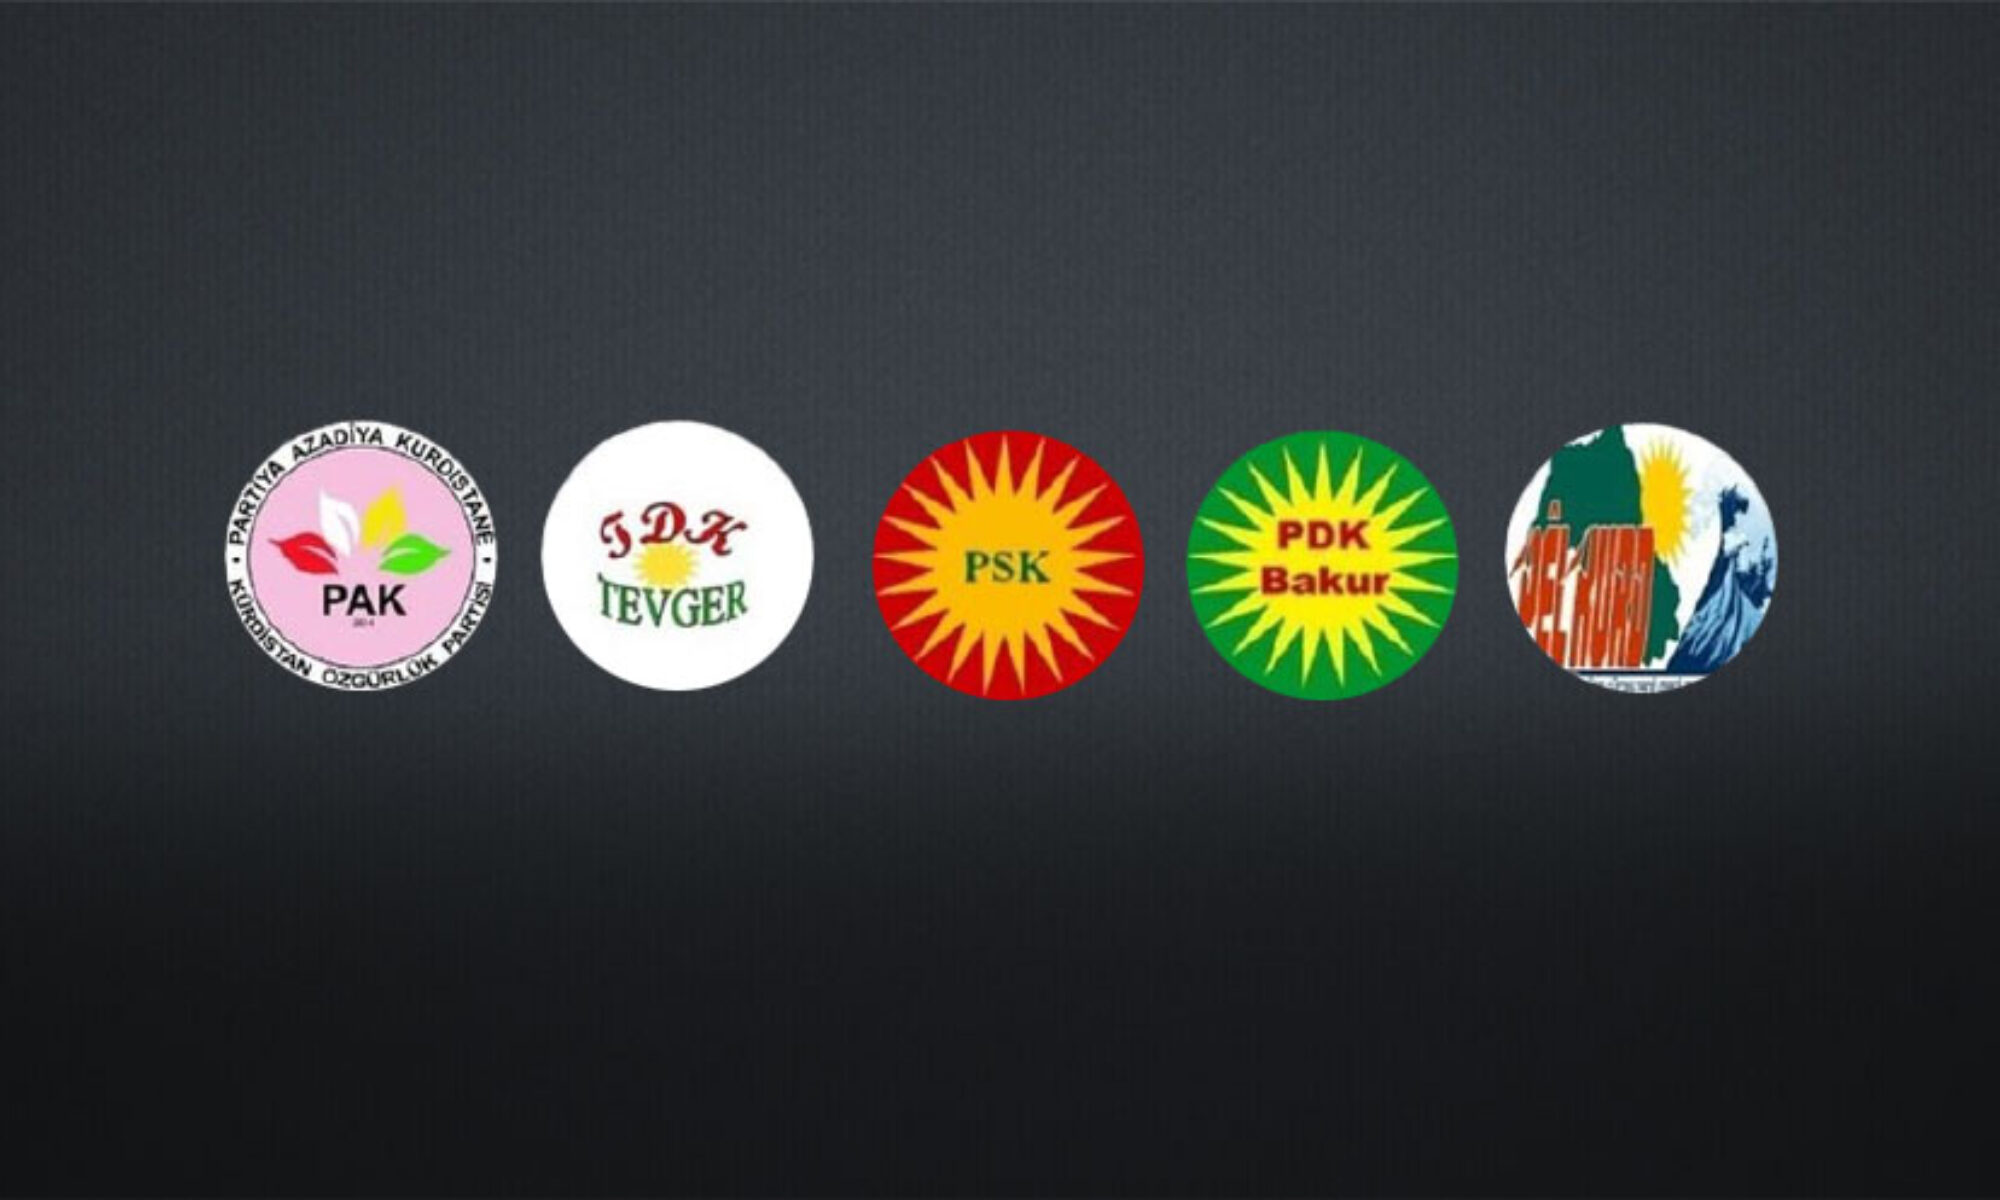 Kürdistani parti ve yapılar: Newroz Kürt ulusunun kendi geleceğini belirleme hakkının hayat bulacağı bir zemine dönüşmelidir